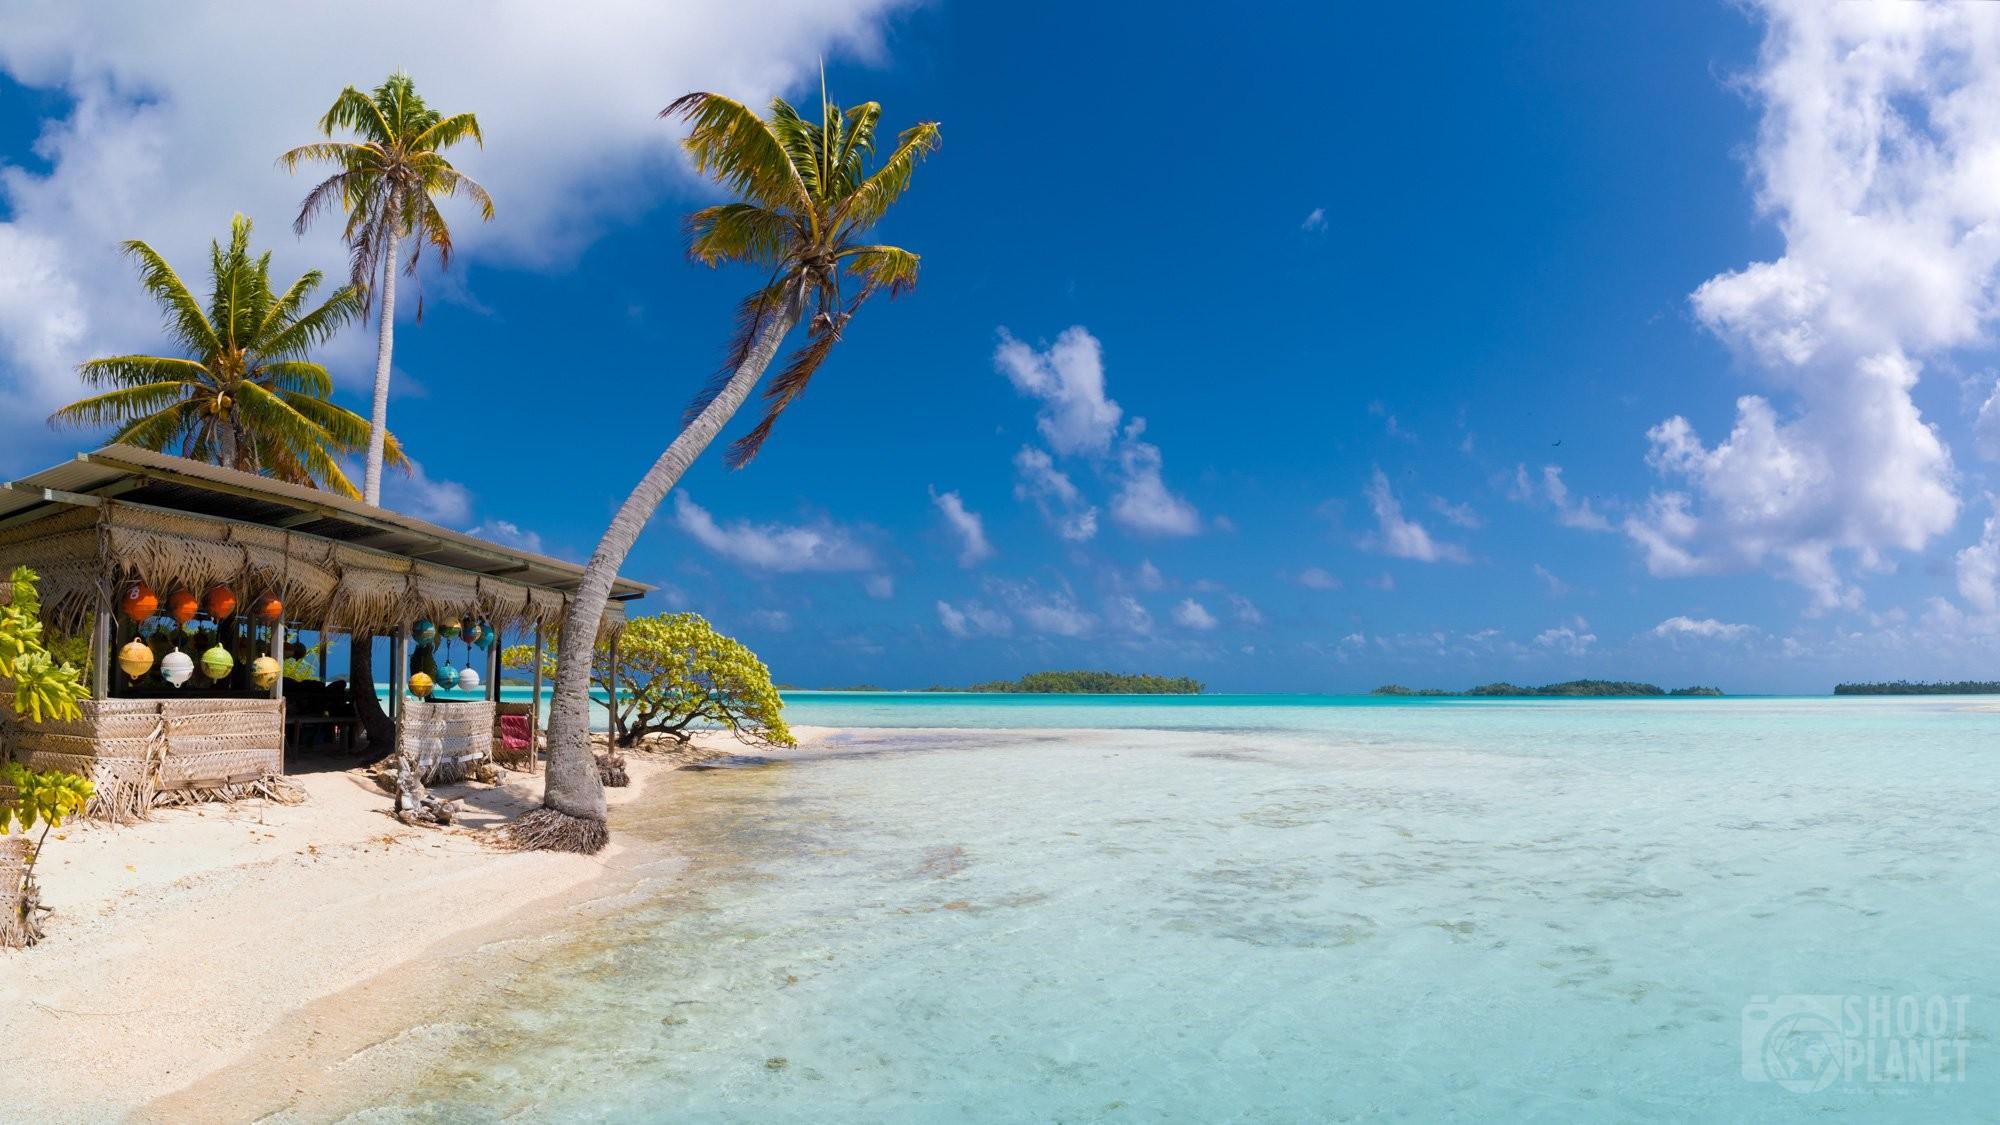 Paradisiac beach bungalow in Rangiroa Polynesia